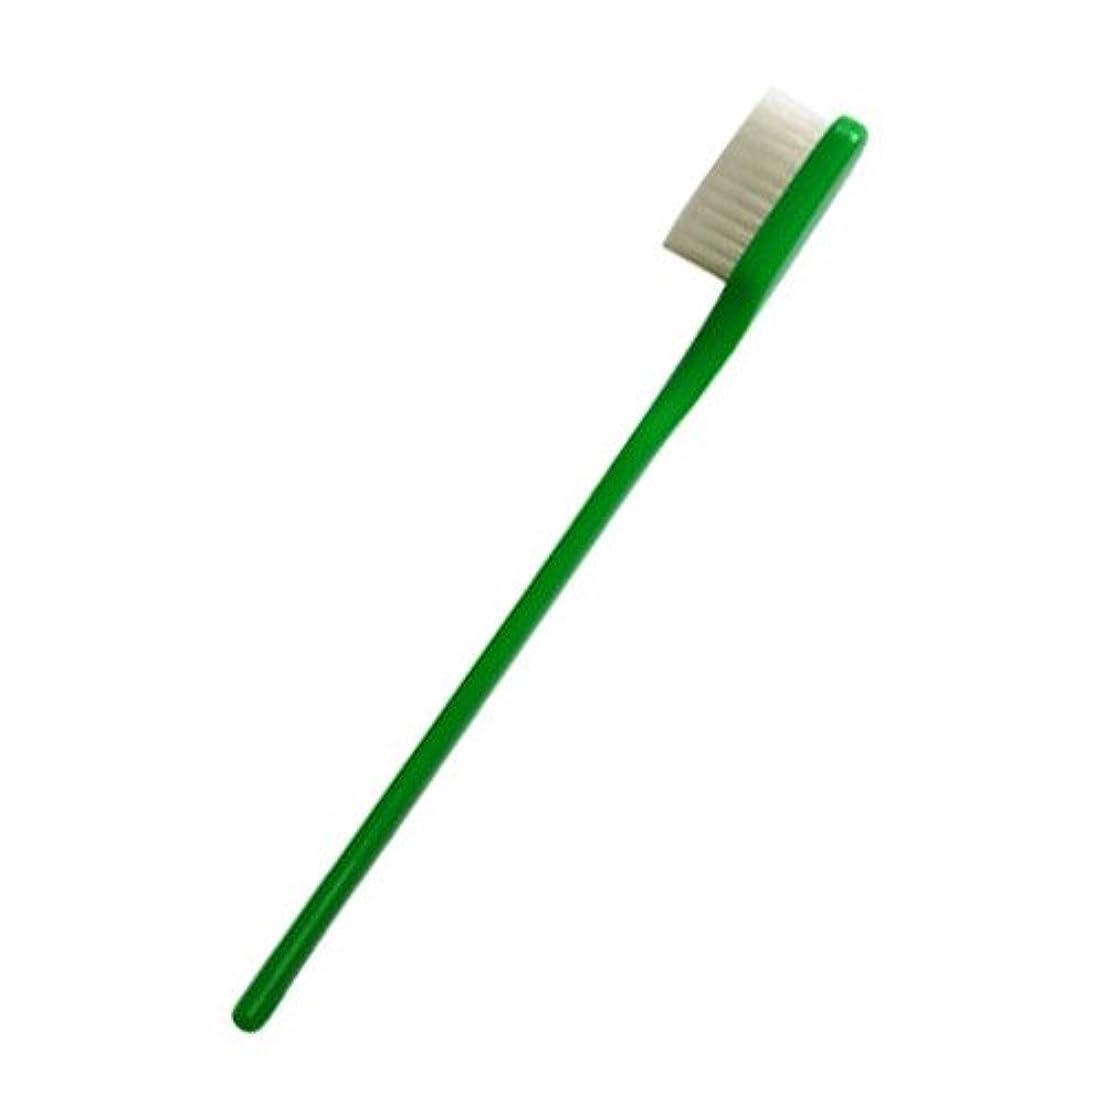 母音ロック解除ずらすPHB 歯ブラシ 大人用 グリーン